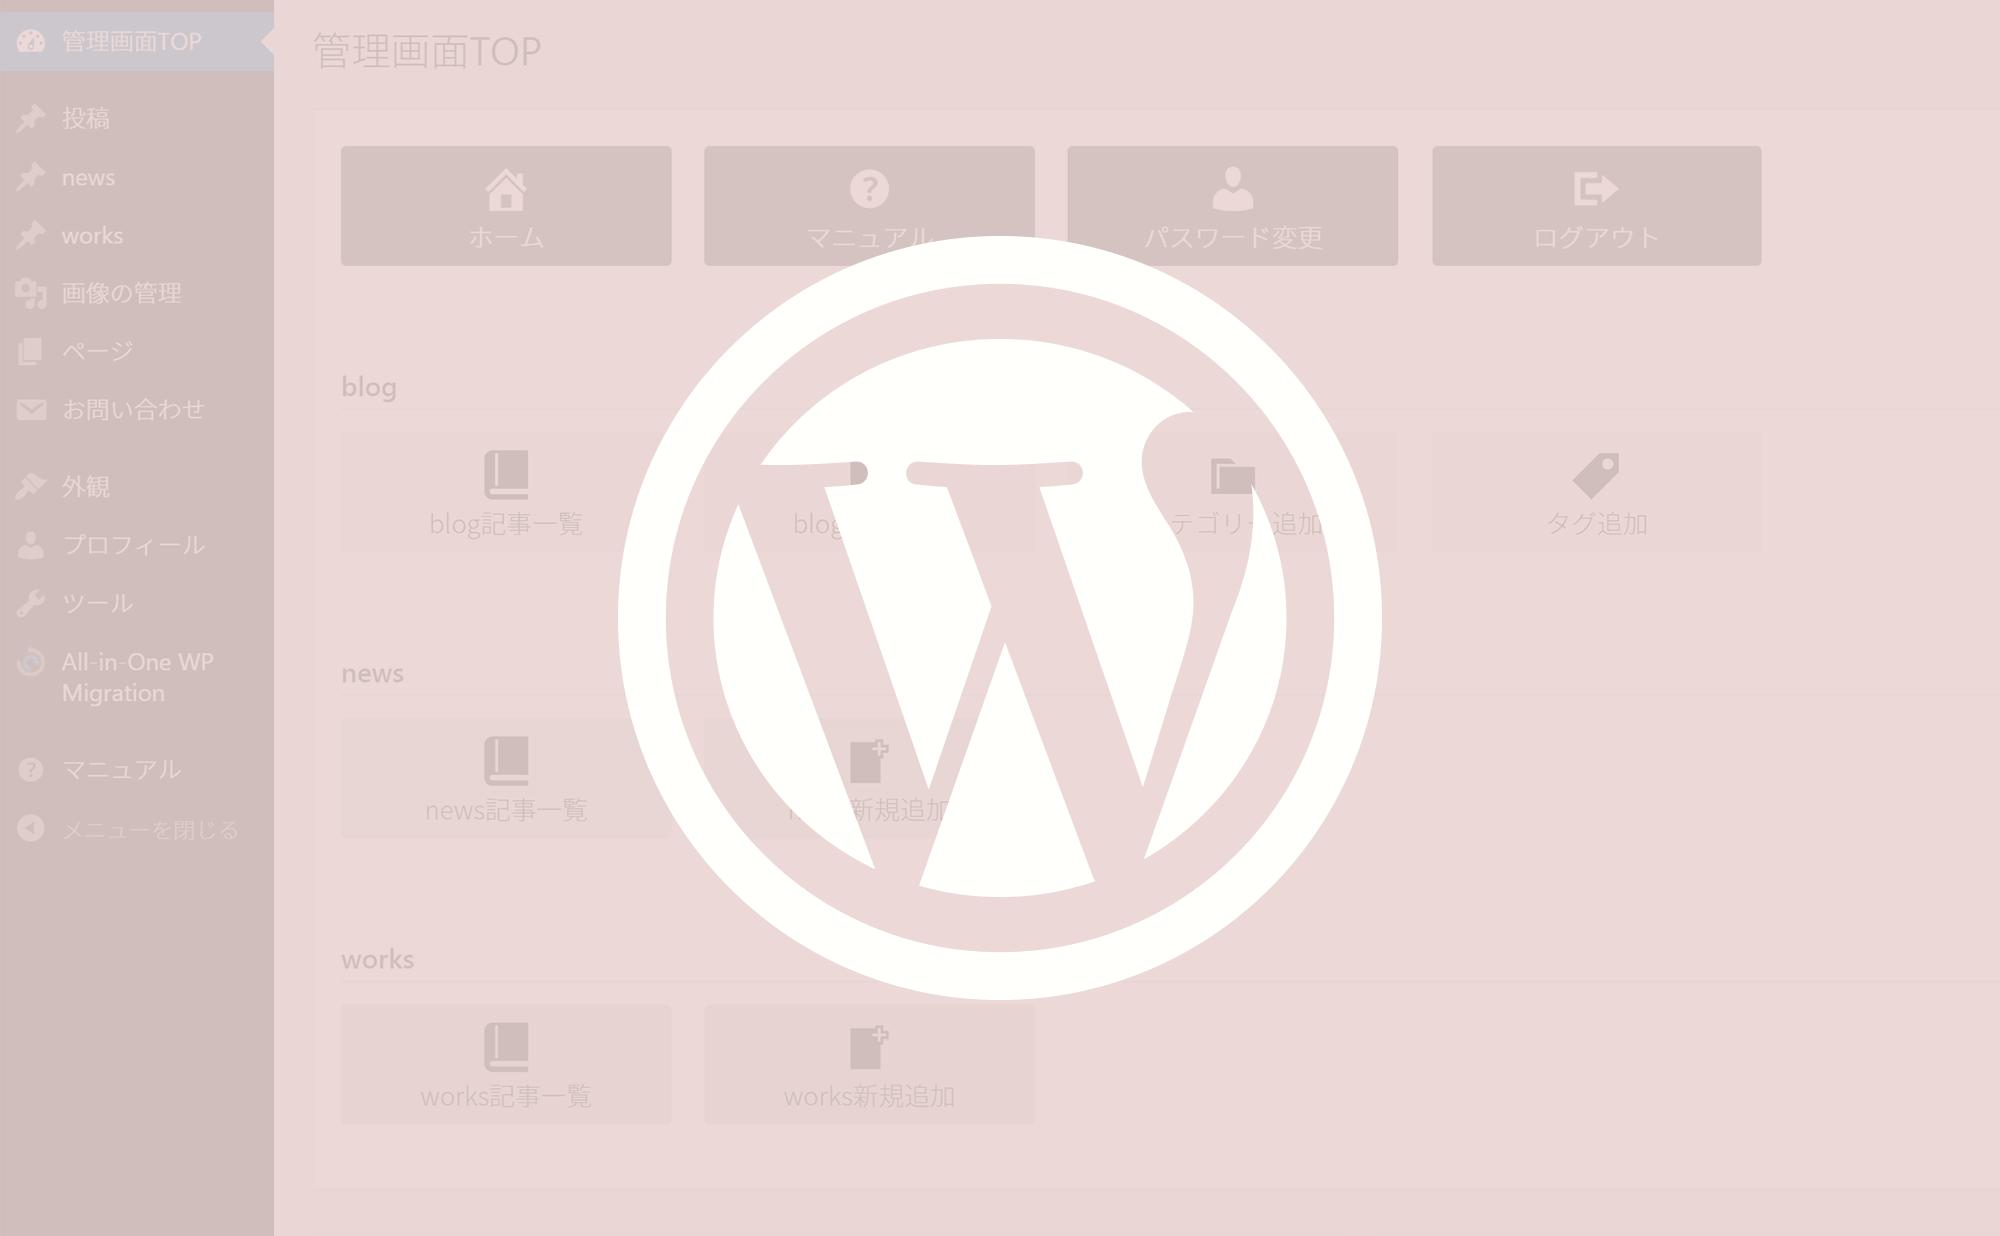 WordPressのパスワード変更